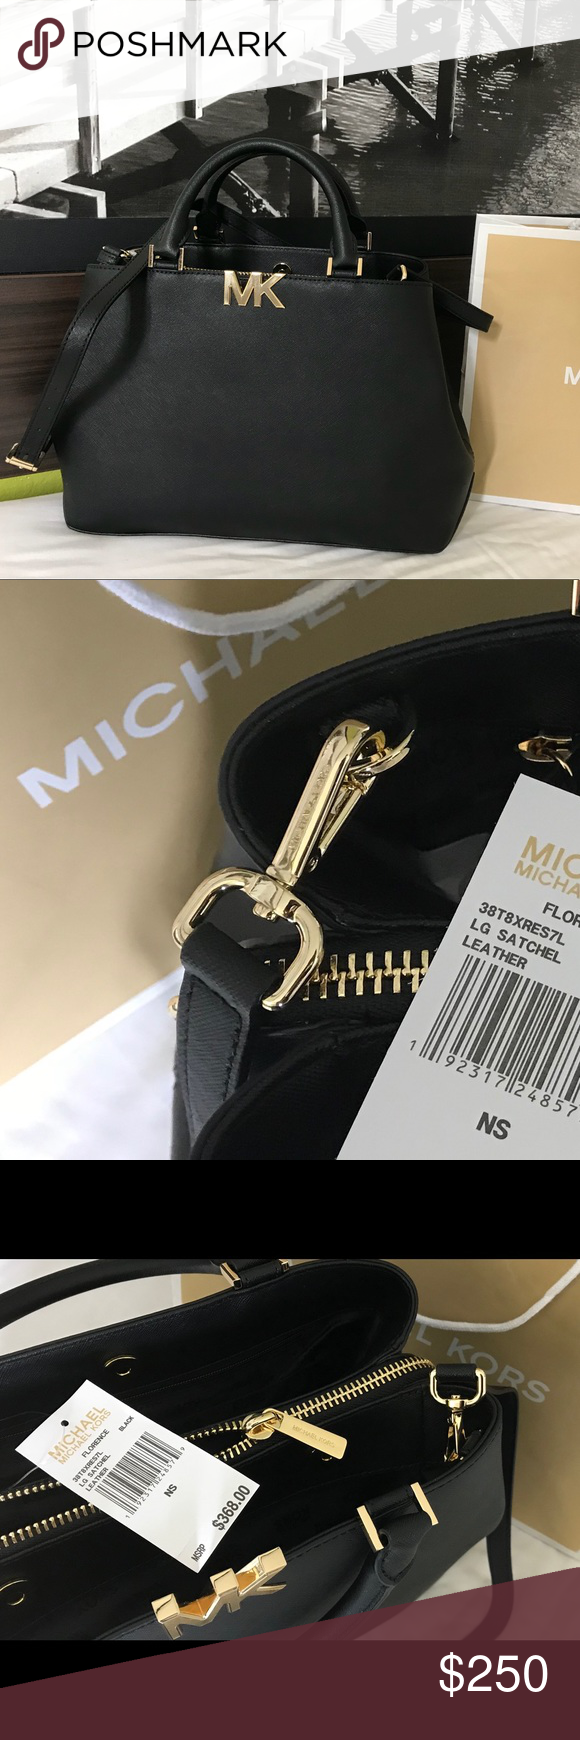 665909e666d8 $368 Michael Kors Florence Handbag Bag MK Purse 🔥⏳ LAST 1! ⏳🔥 Guaranteed